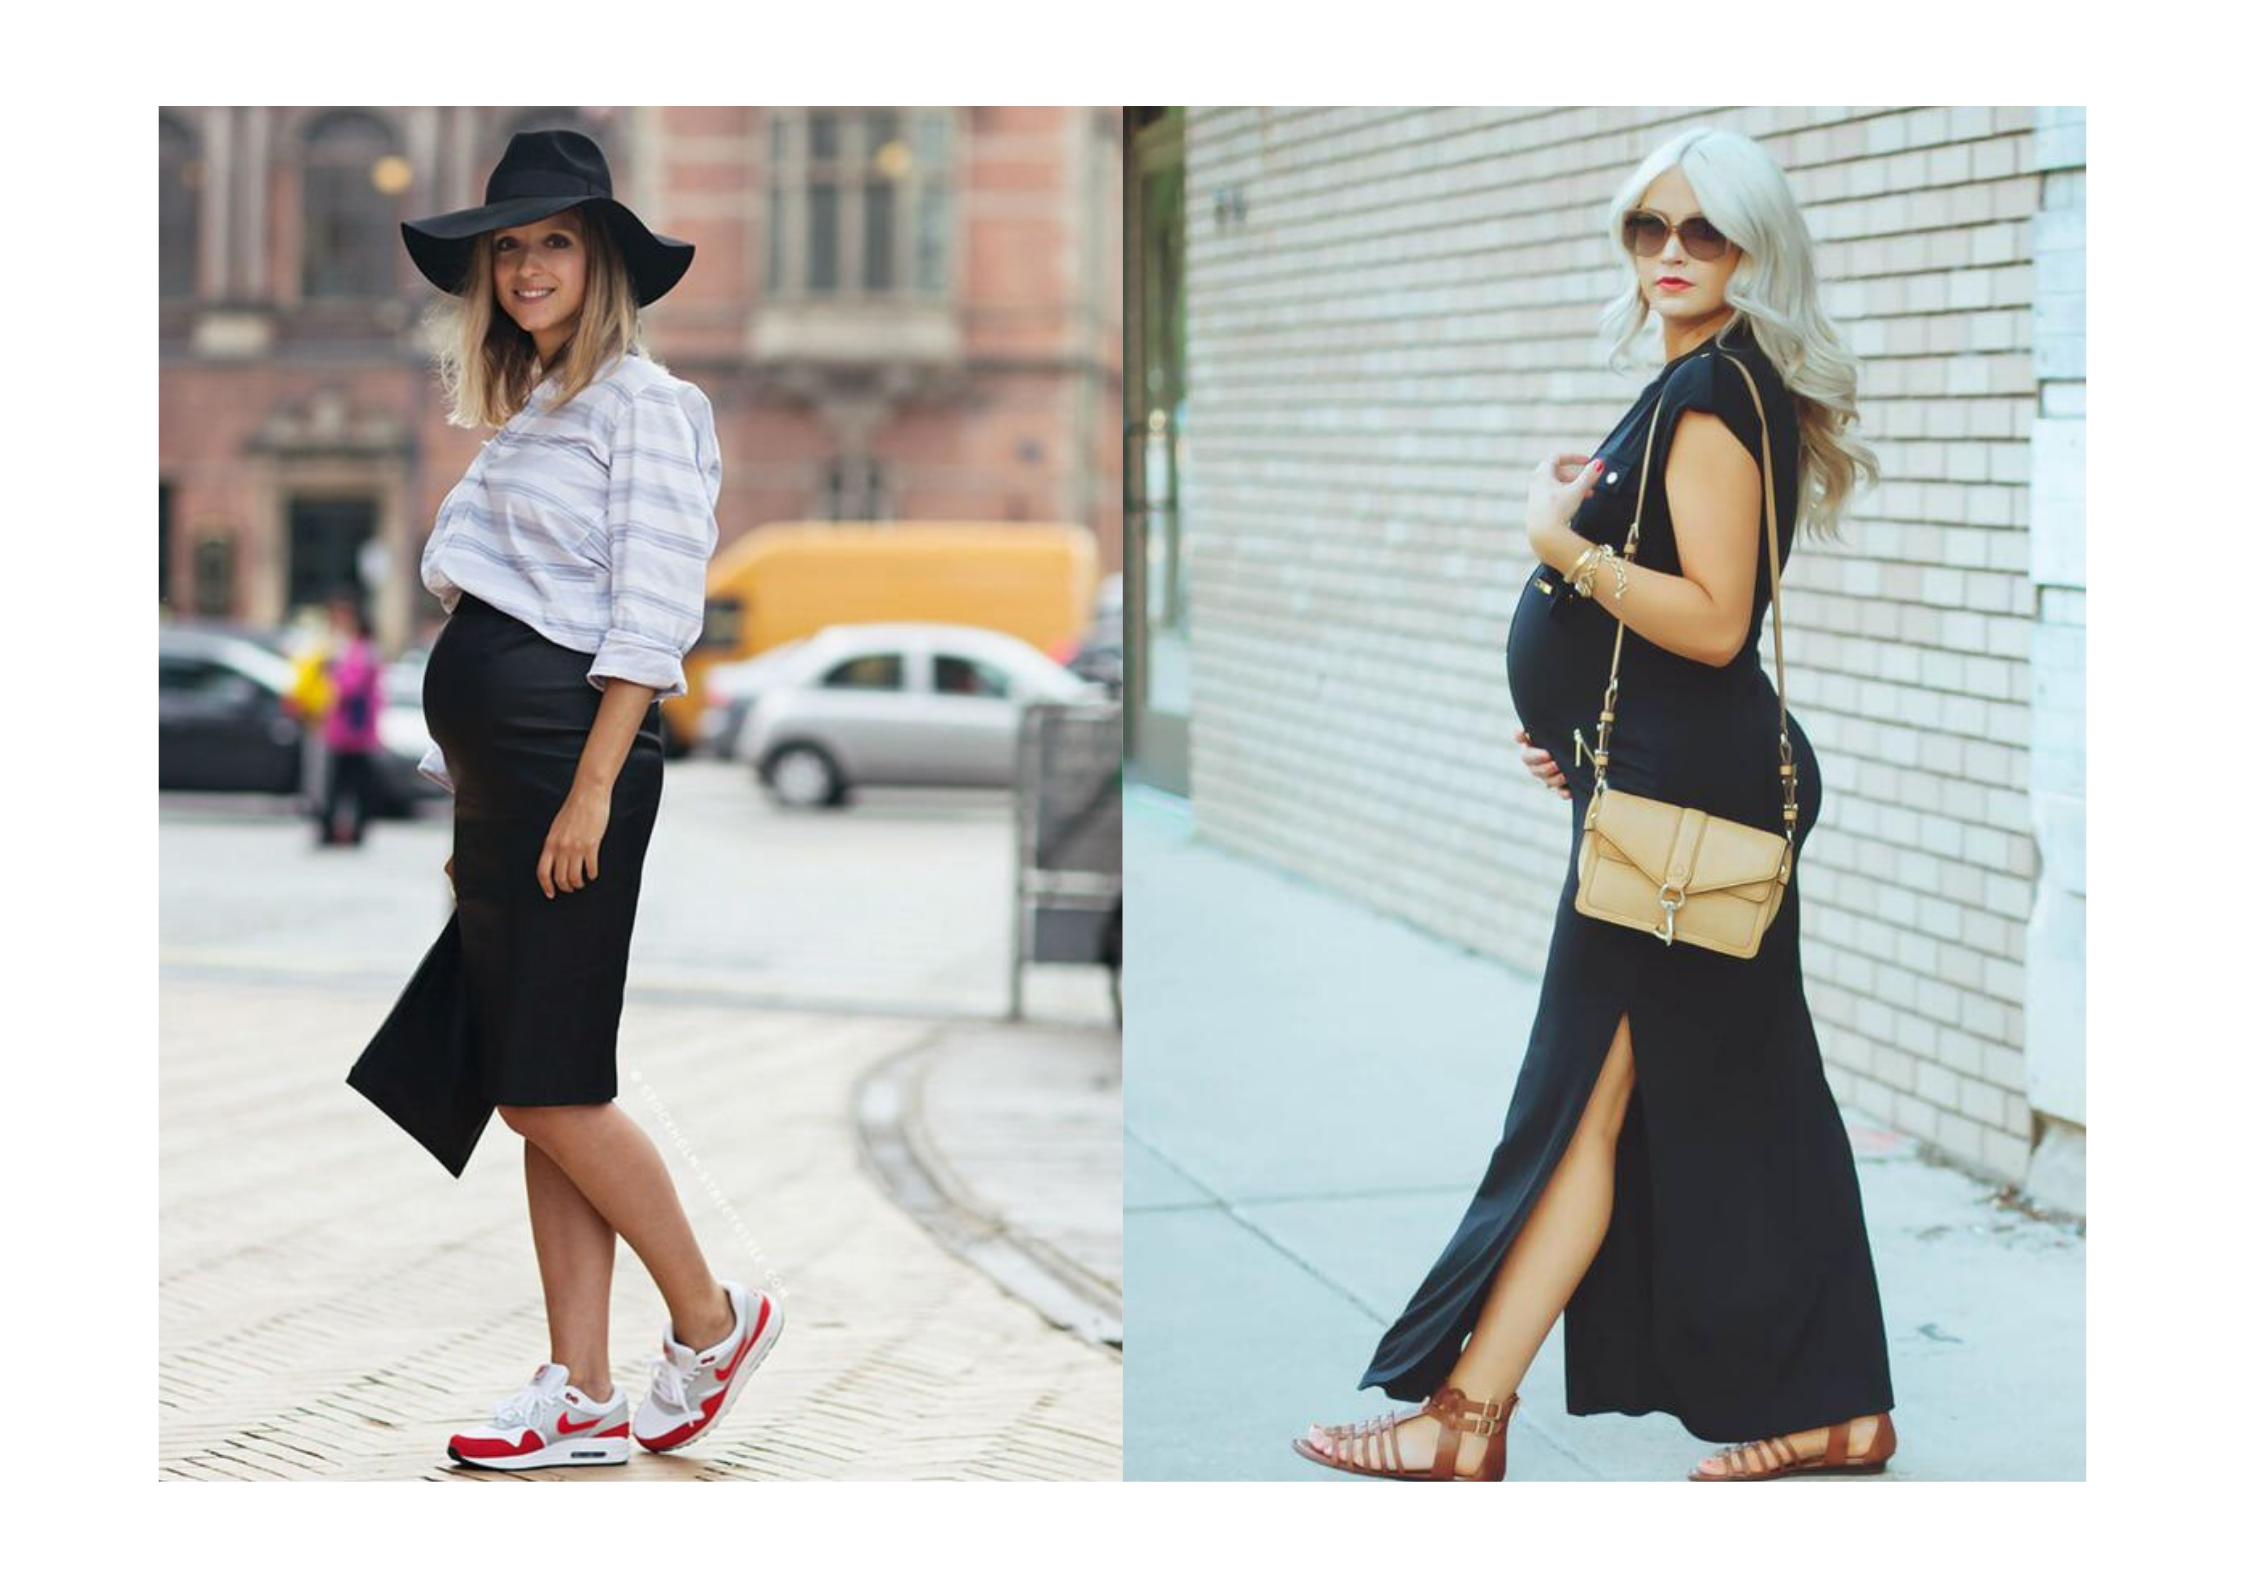 Gợi ý những mẫu giày dép thoải mái, dễ đi, an toàn với bà bầu